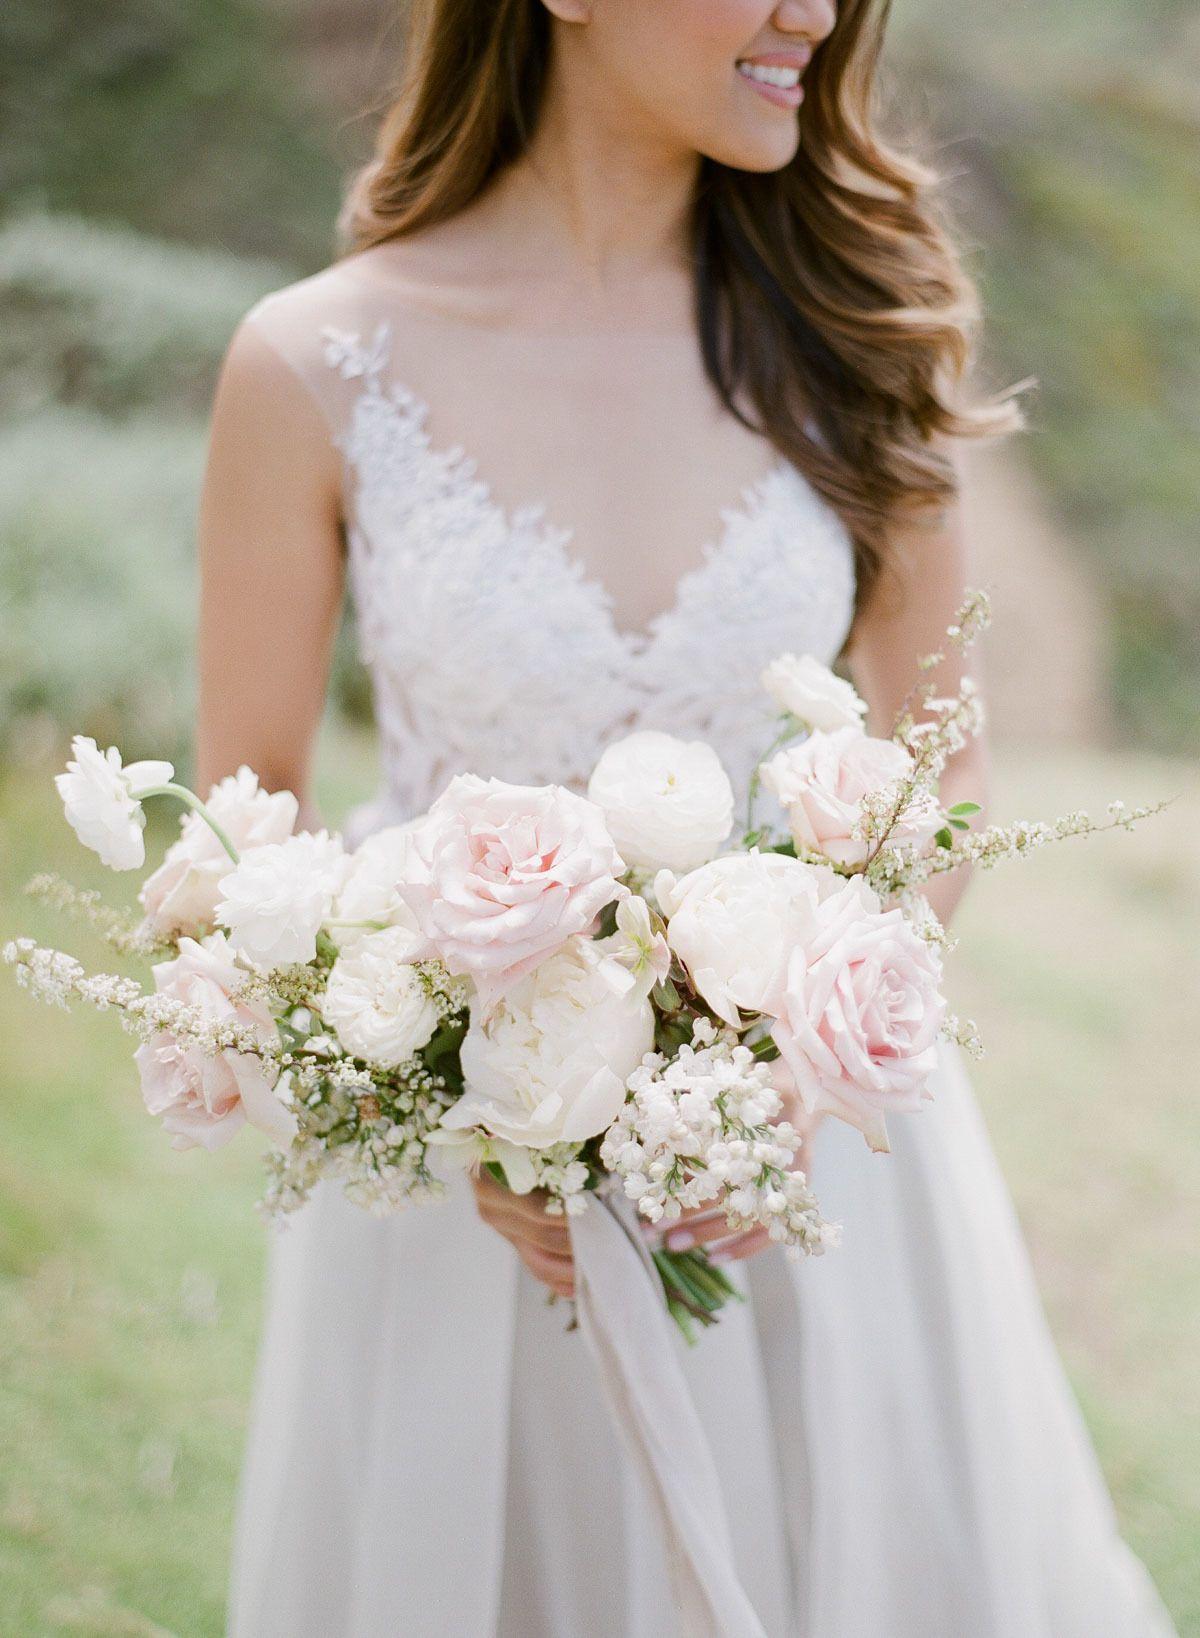 Rose wedding bouquet: Photography: Greg Finck - http://www.gregfinck.com/